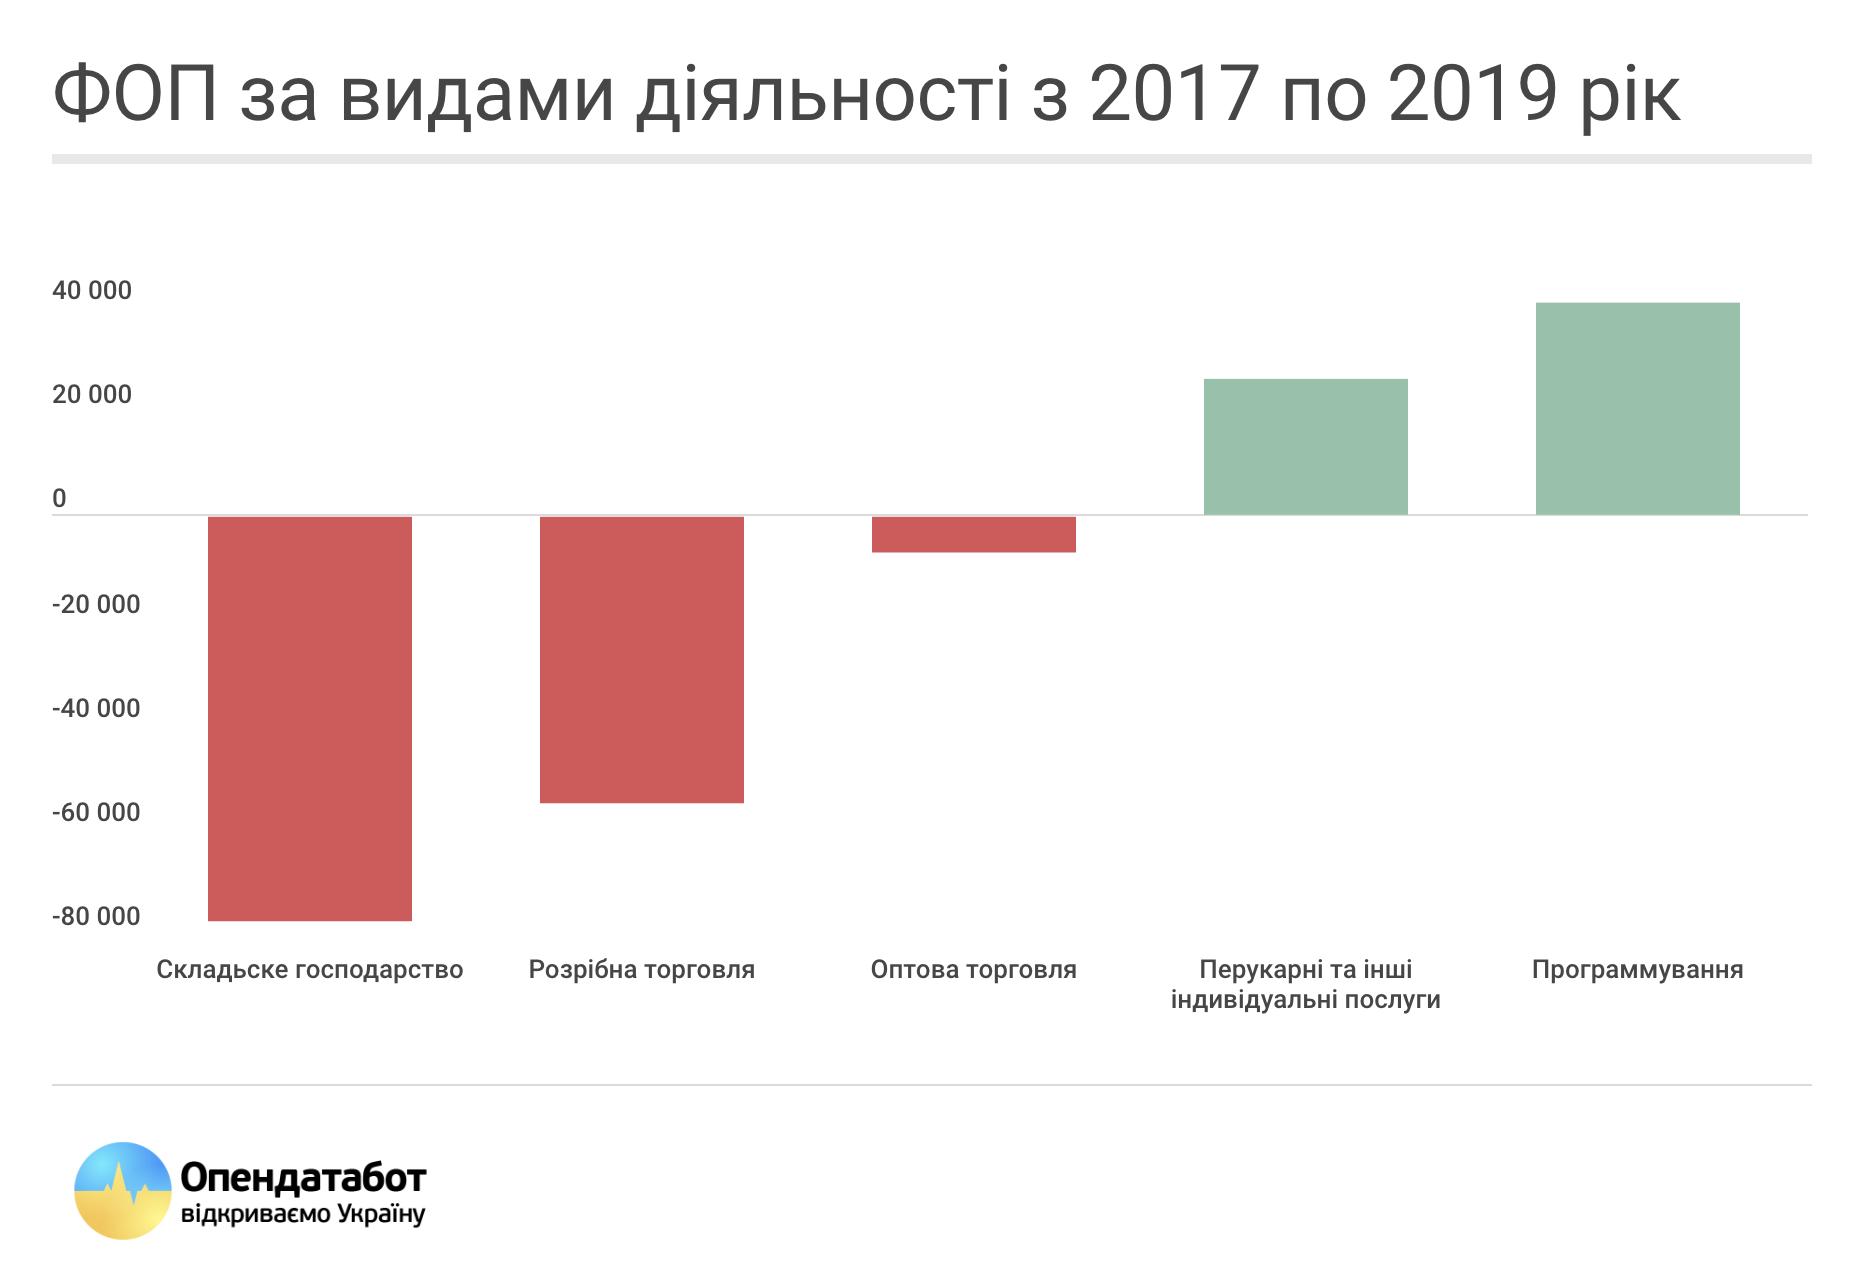 ФОП за видами діяльності за 2017-2019